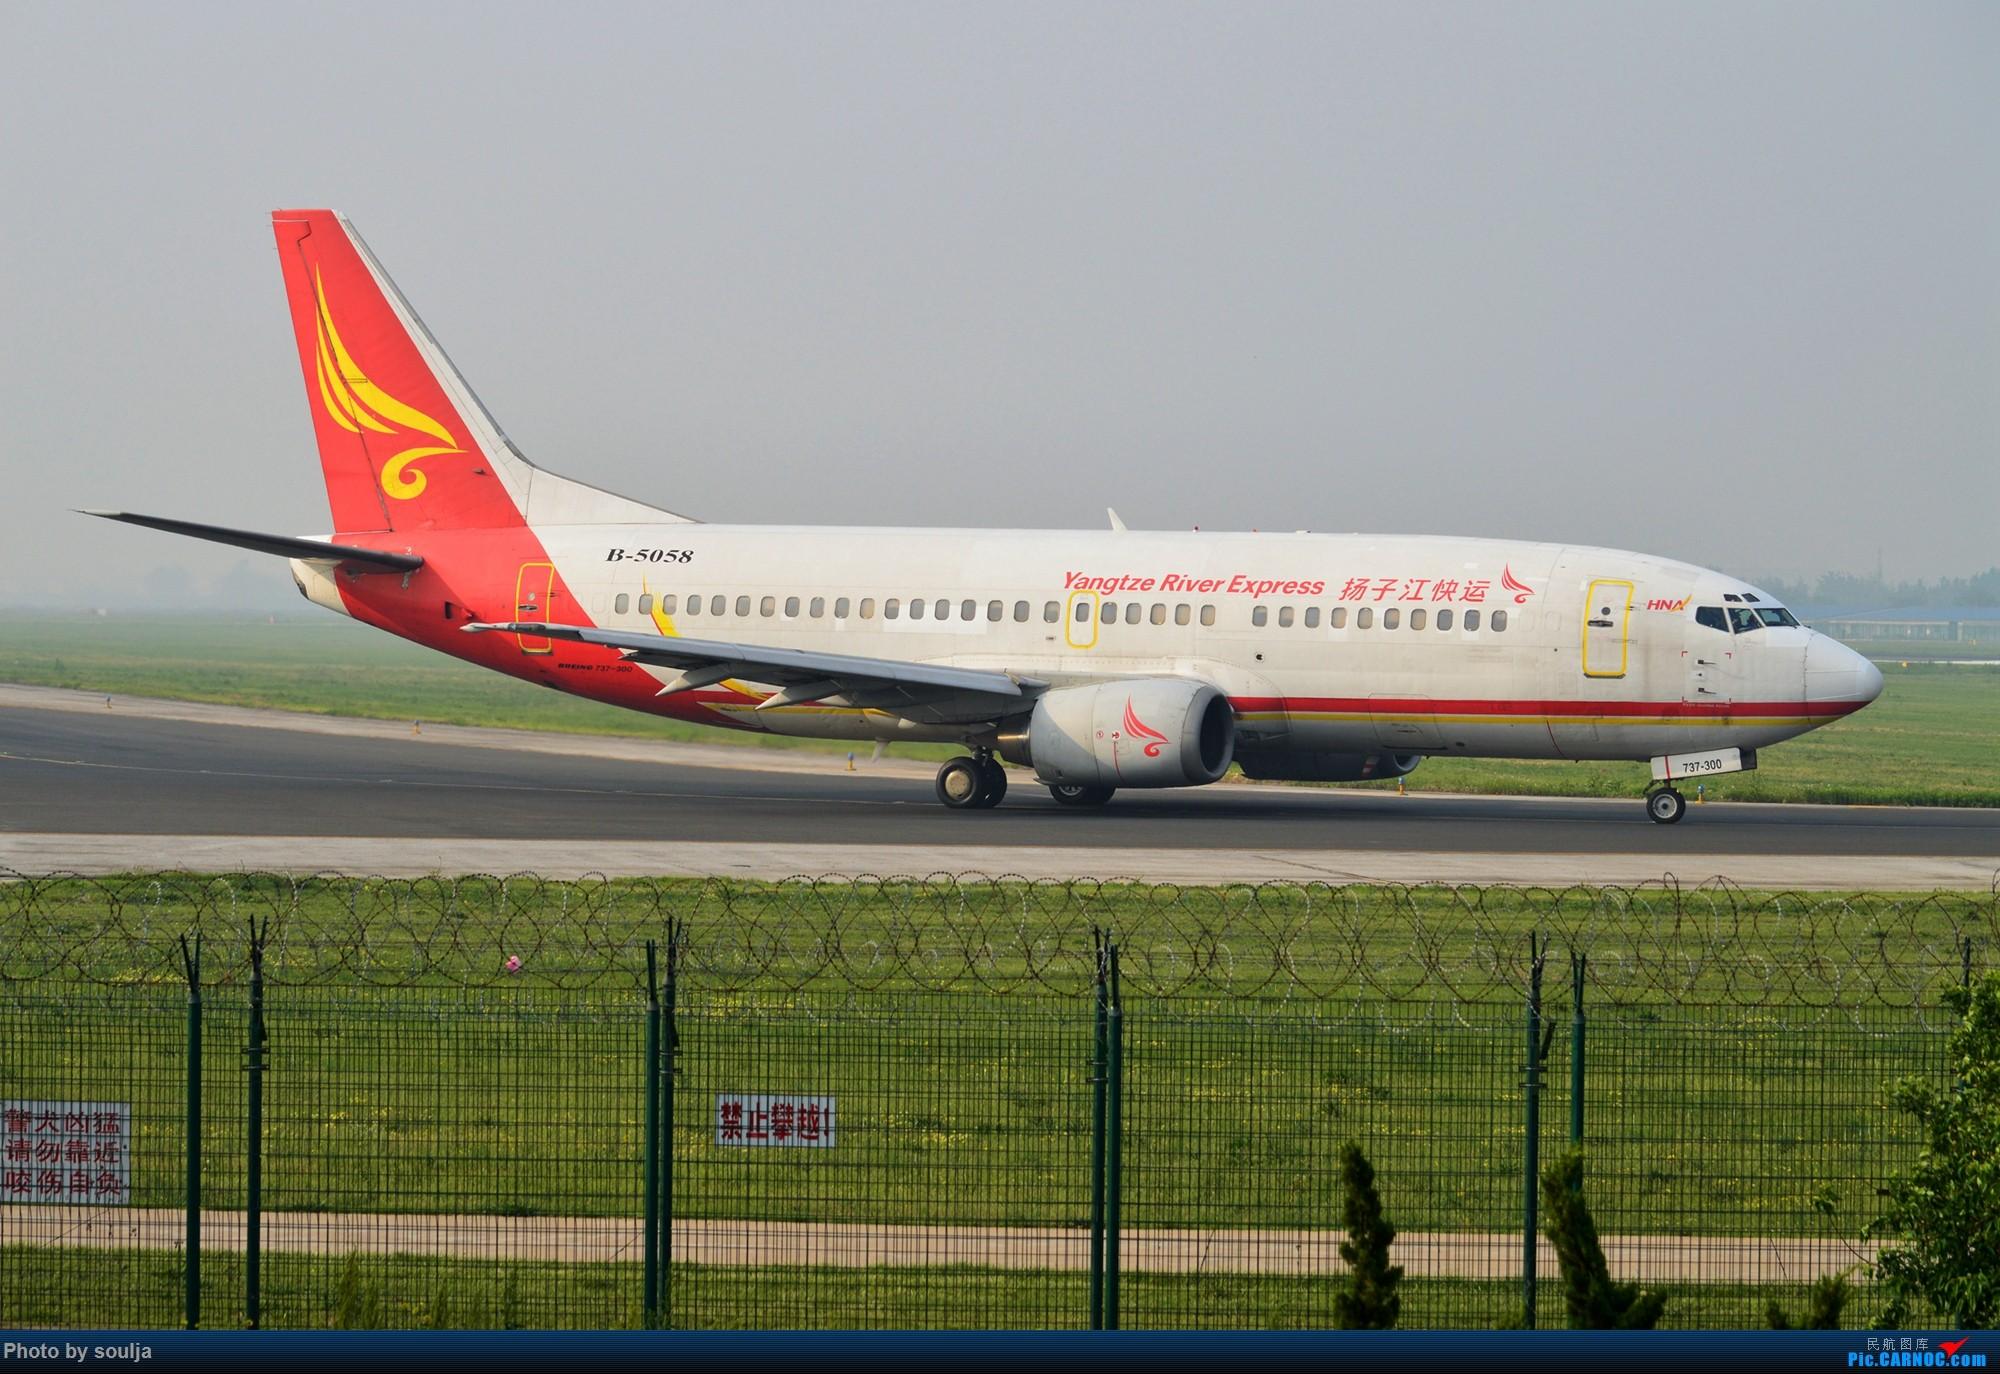 拍摄地点: 中国青岛流亭国际机场            2017年4月